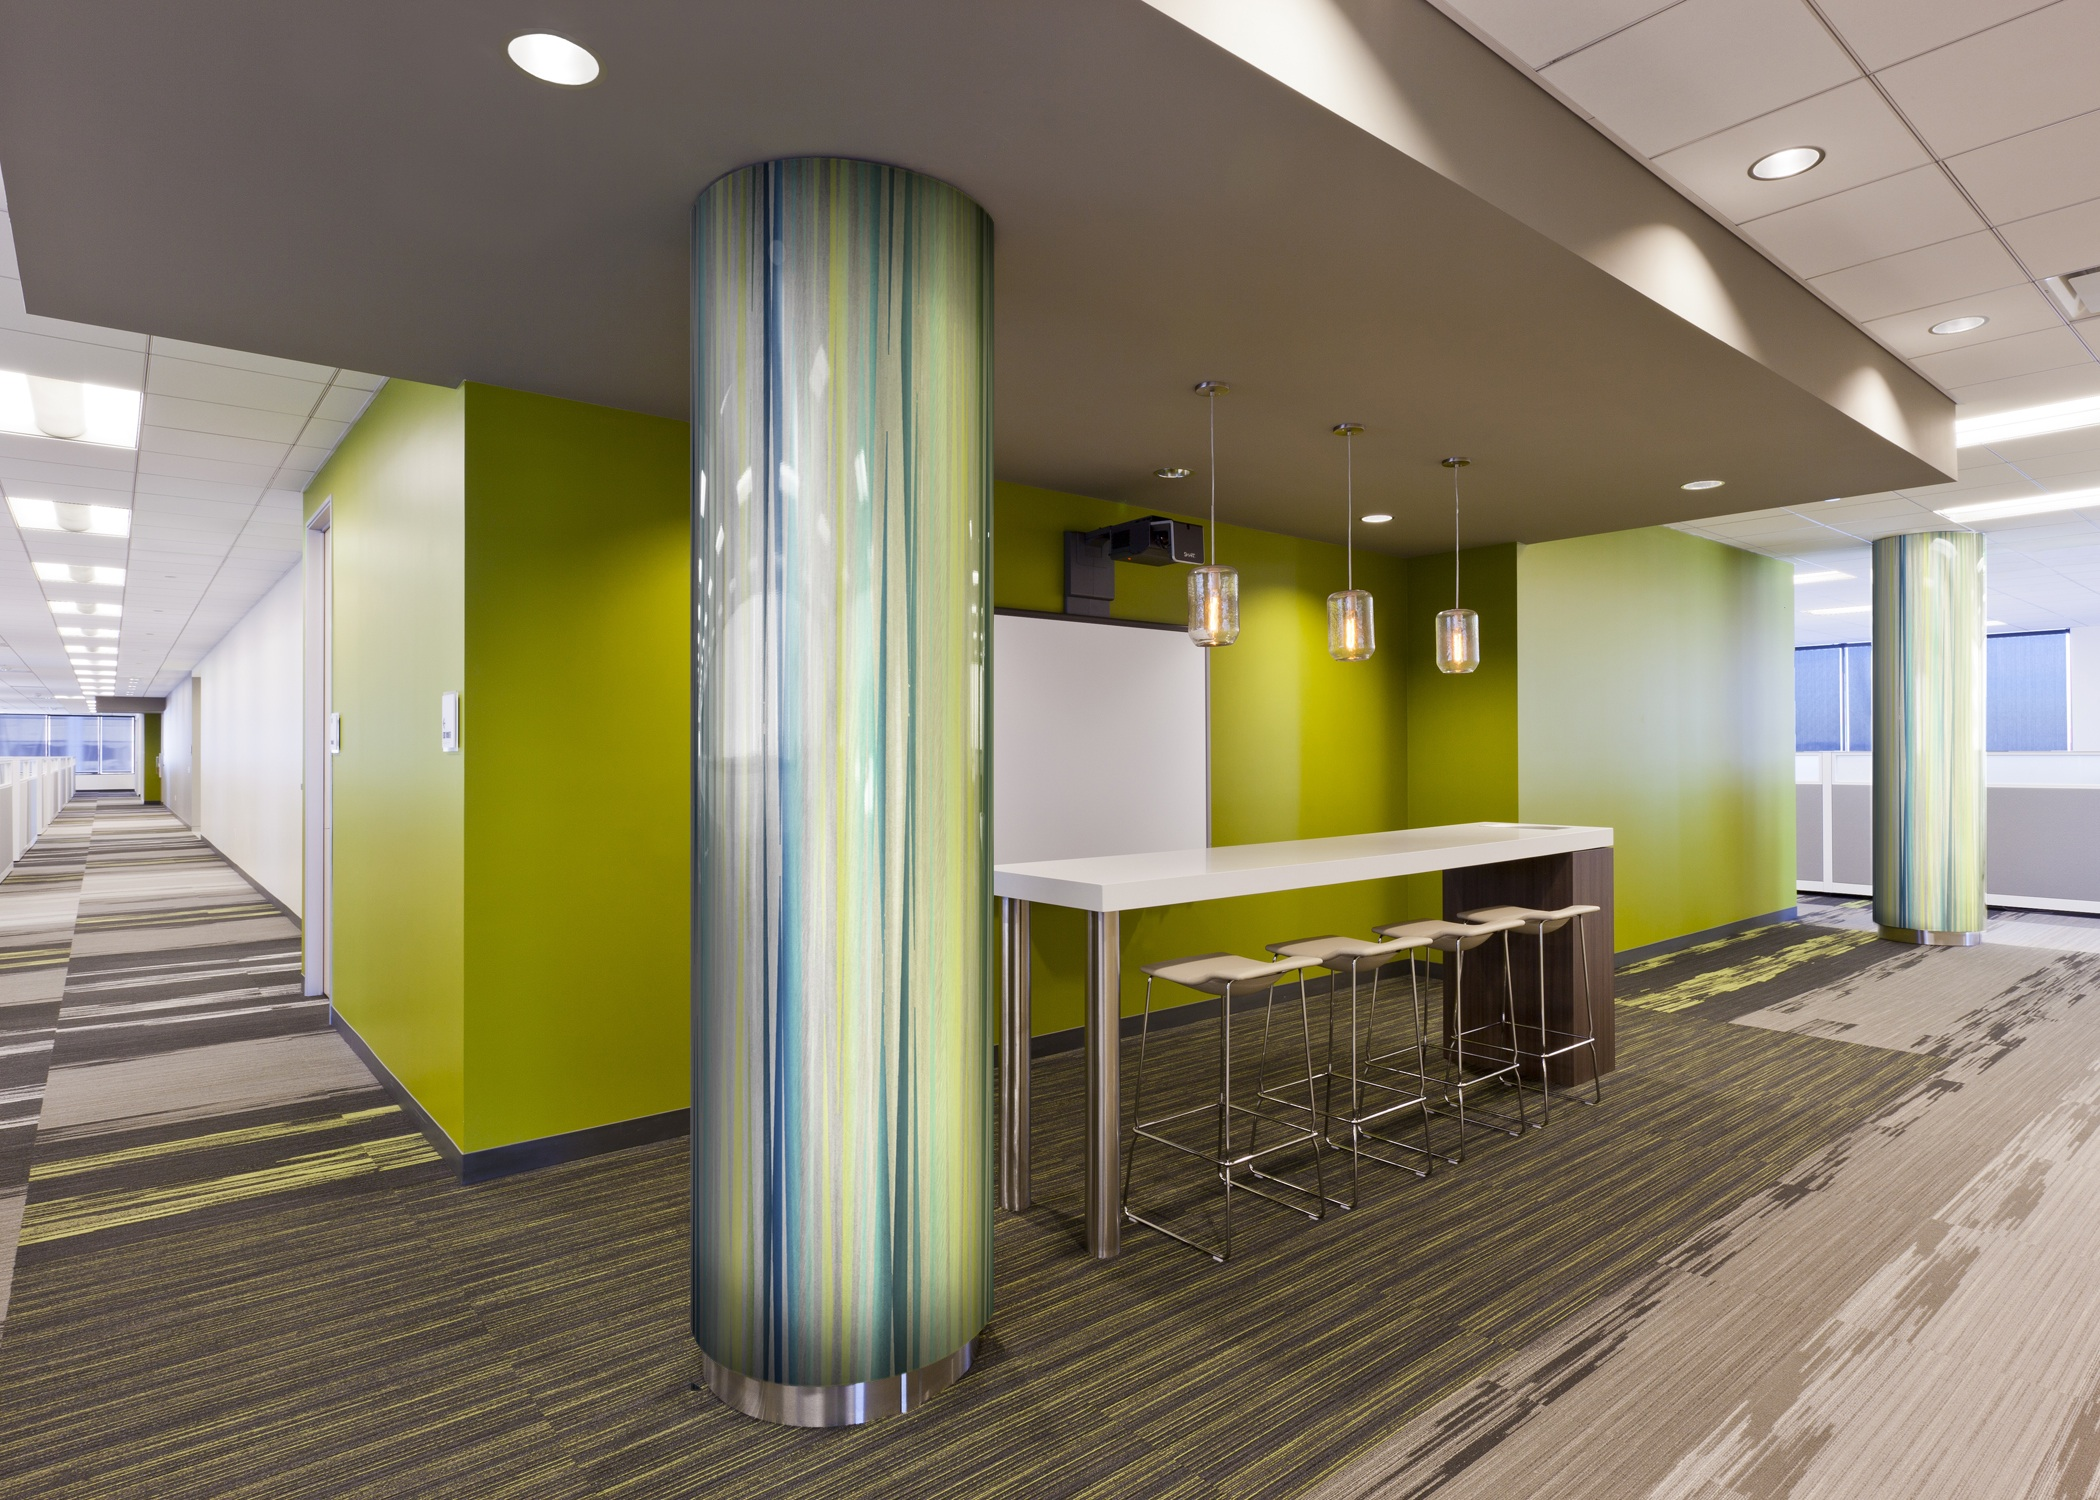 Interior Decoration Aluminium Panel : Aluminum panels enhance interior settings retrofit